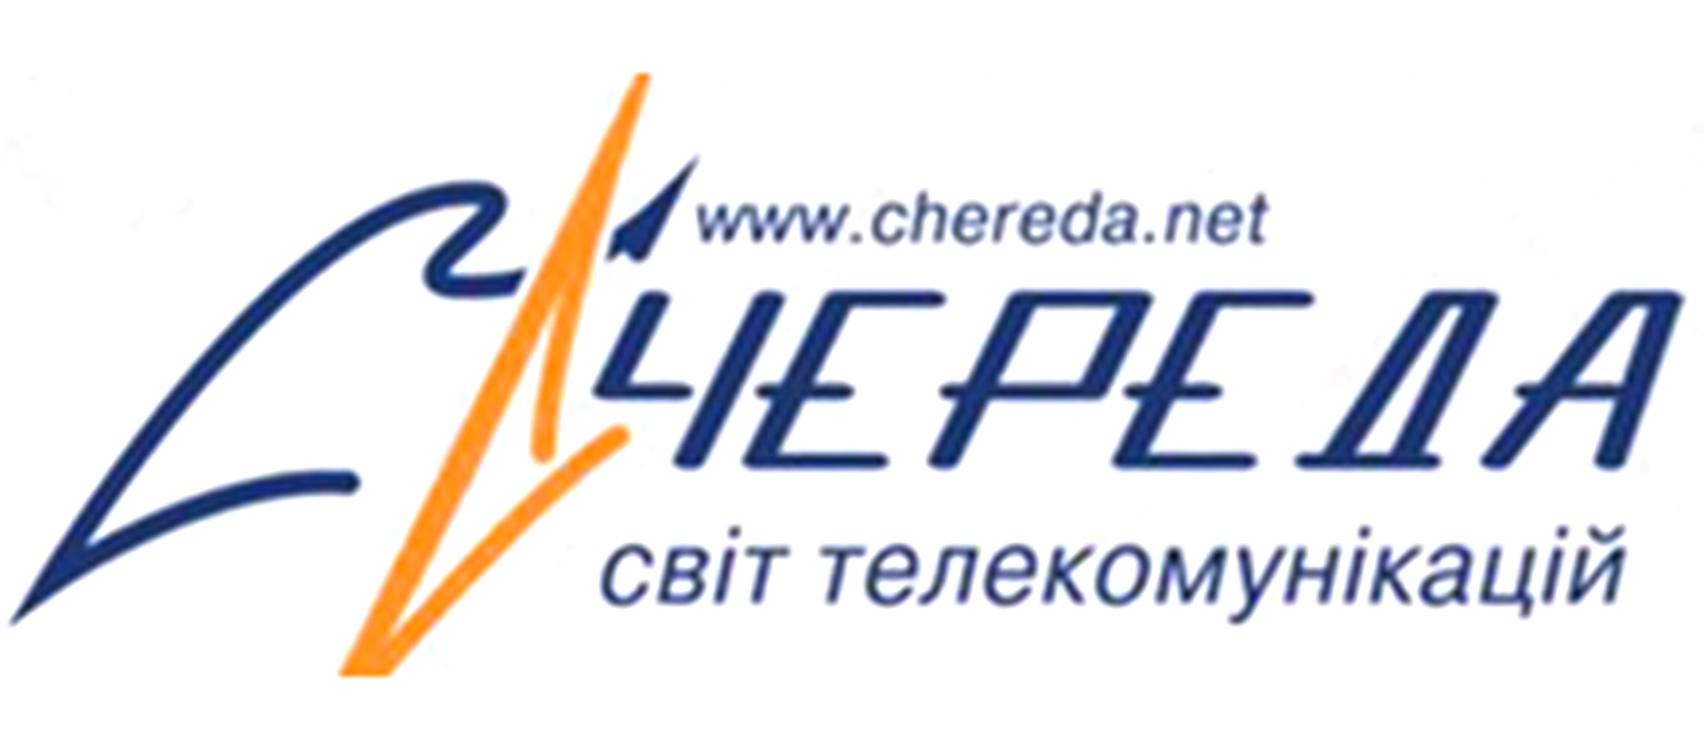 ПП Череда (Киев)